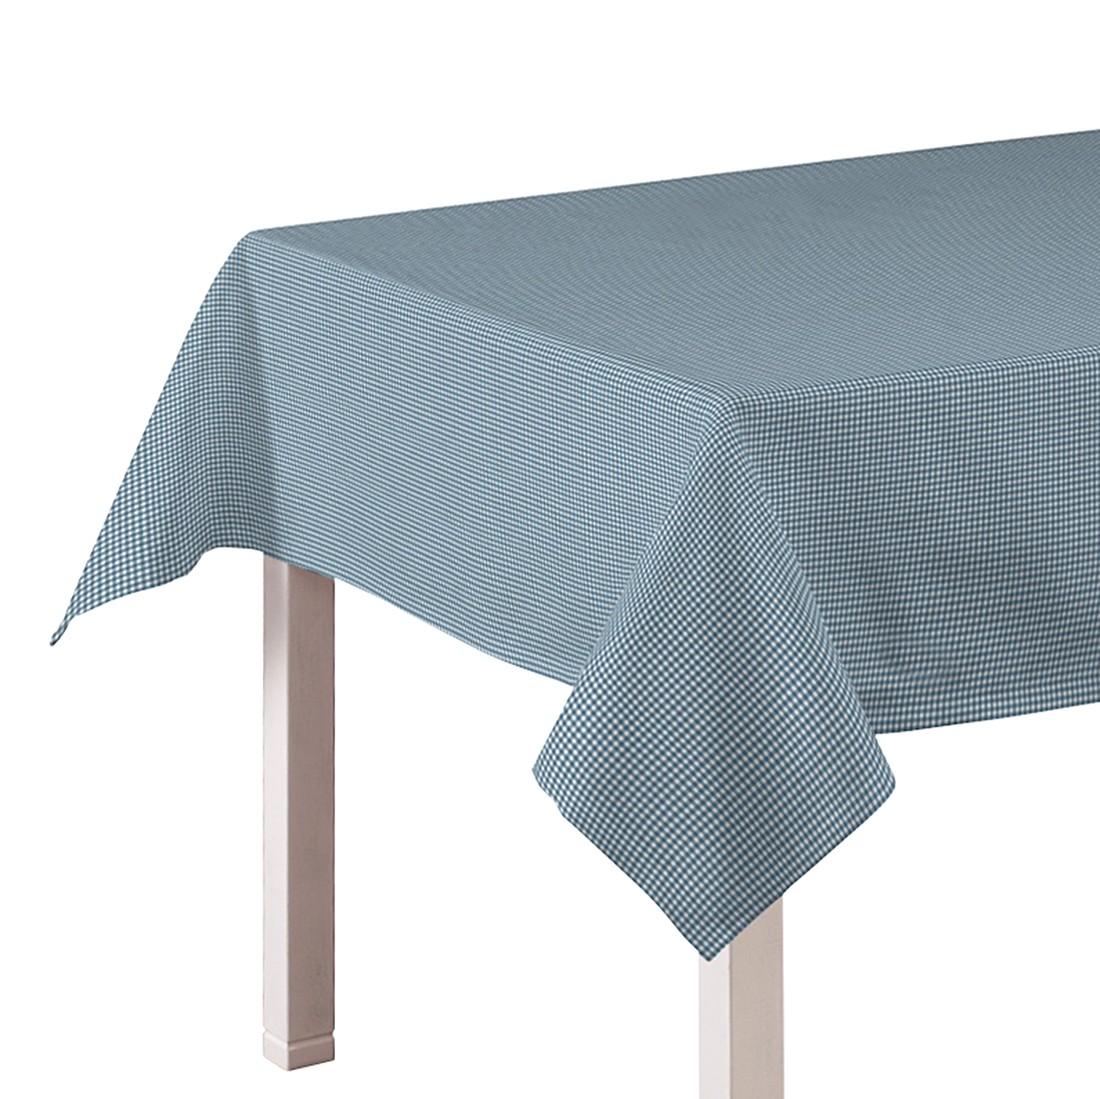 Tischdecke Amelie – Türkis / Weiß – 130 x 130 cm, Dekoria günstig kaufen